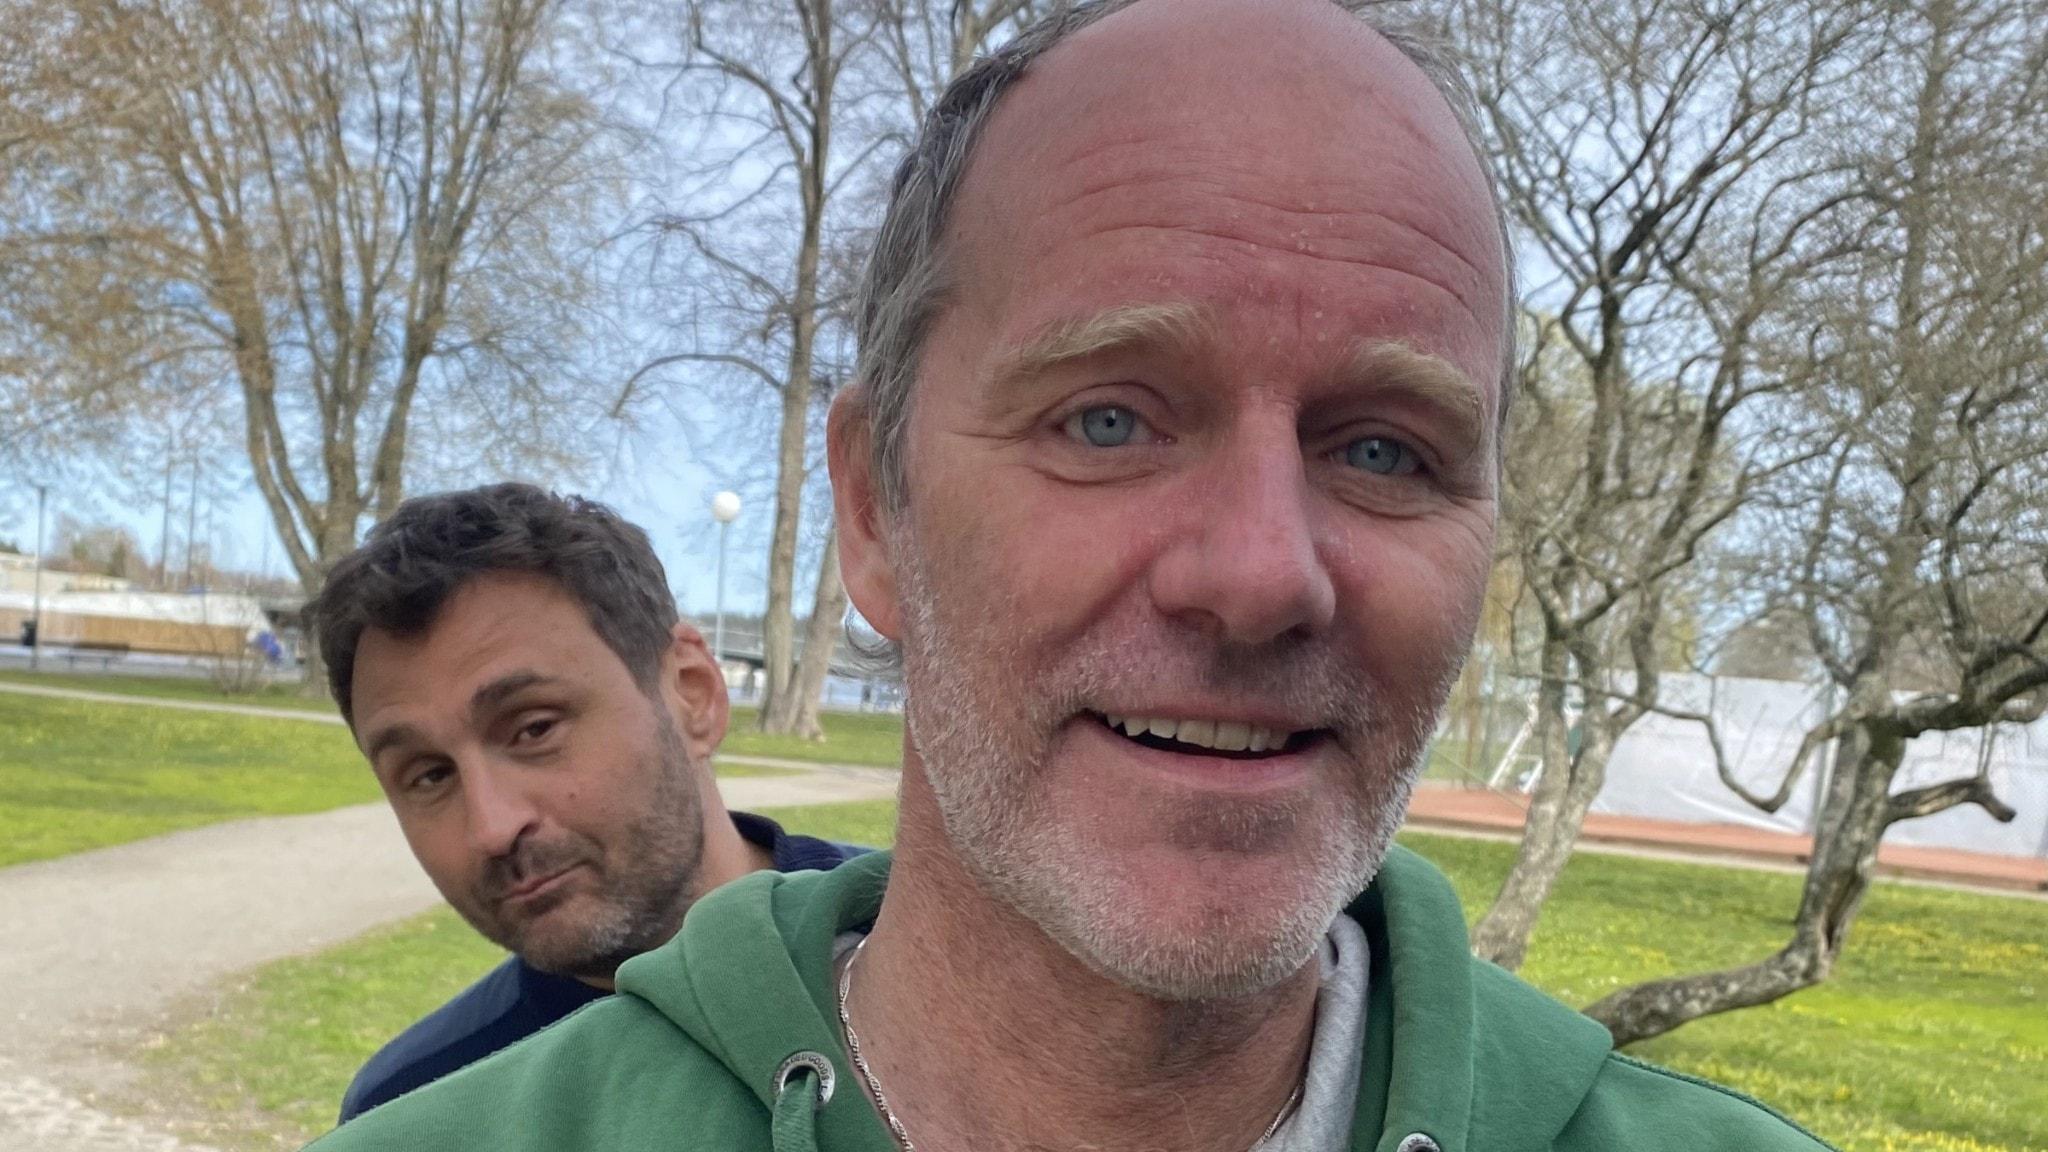 John Ajvide Lindqvist och Johar Bendjelloul i Societetsparken i Norrtälje. Johar tittar fram bakom John.